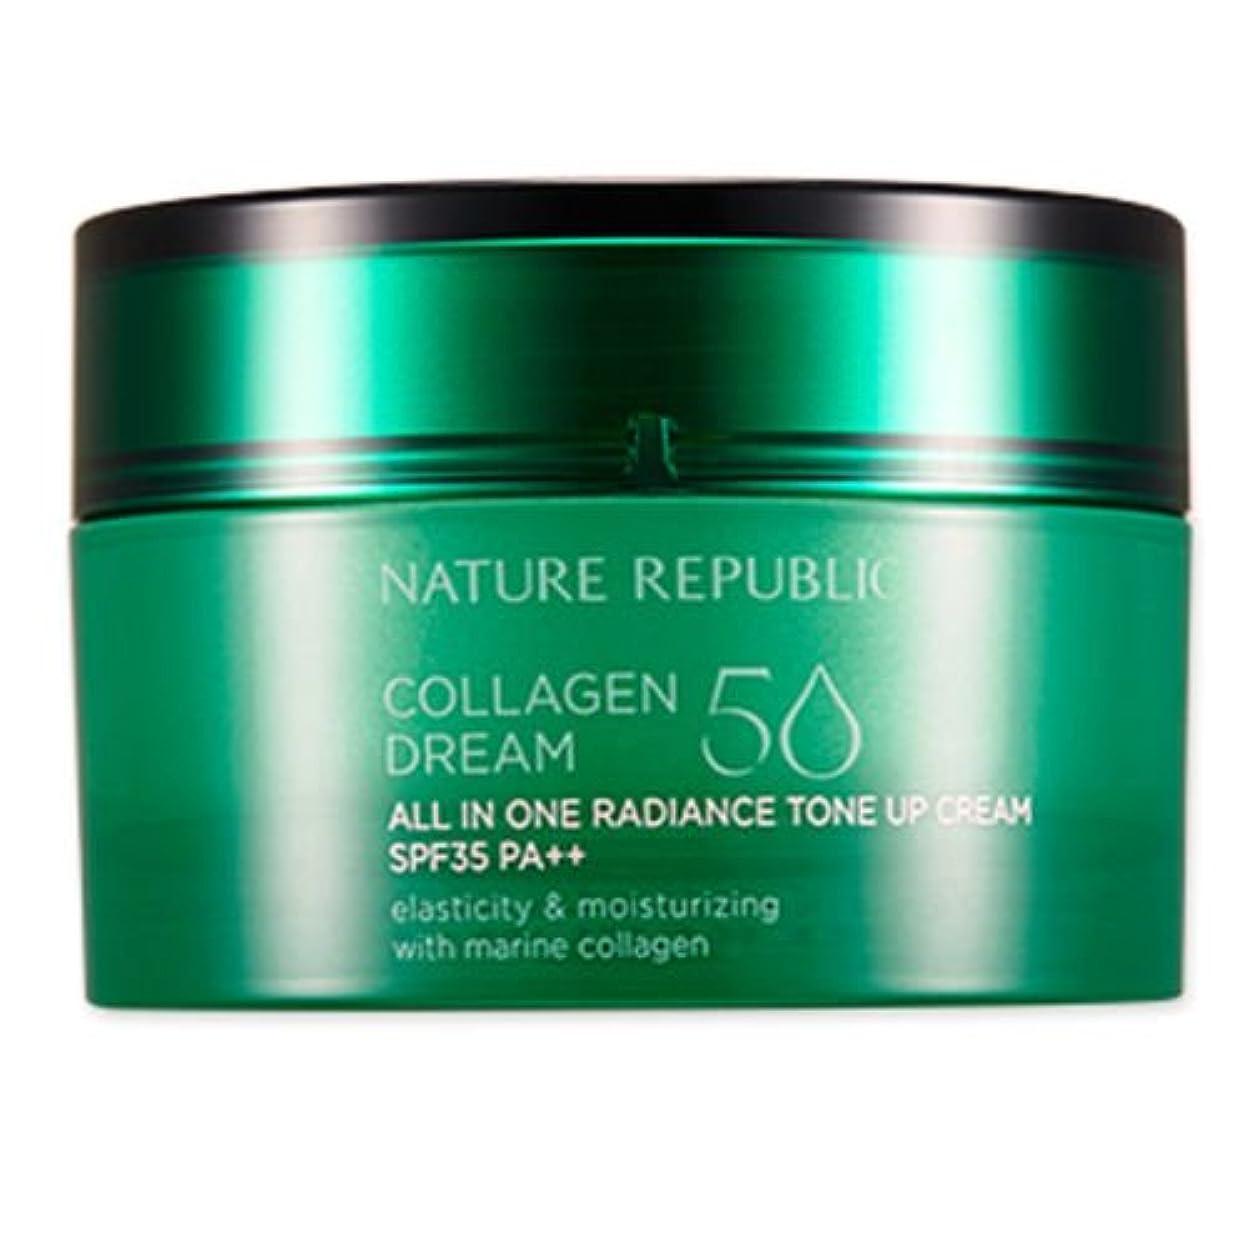 同封するミルウェイターNATURE REPUBLIC Collagen Dream 50 All-In-One Radiance Tone Up Cream(SPF35PA++) ネイチャーリパブリック [韓国コスメ ] コラーゲンドリーム50...